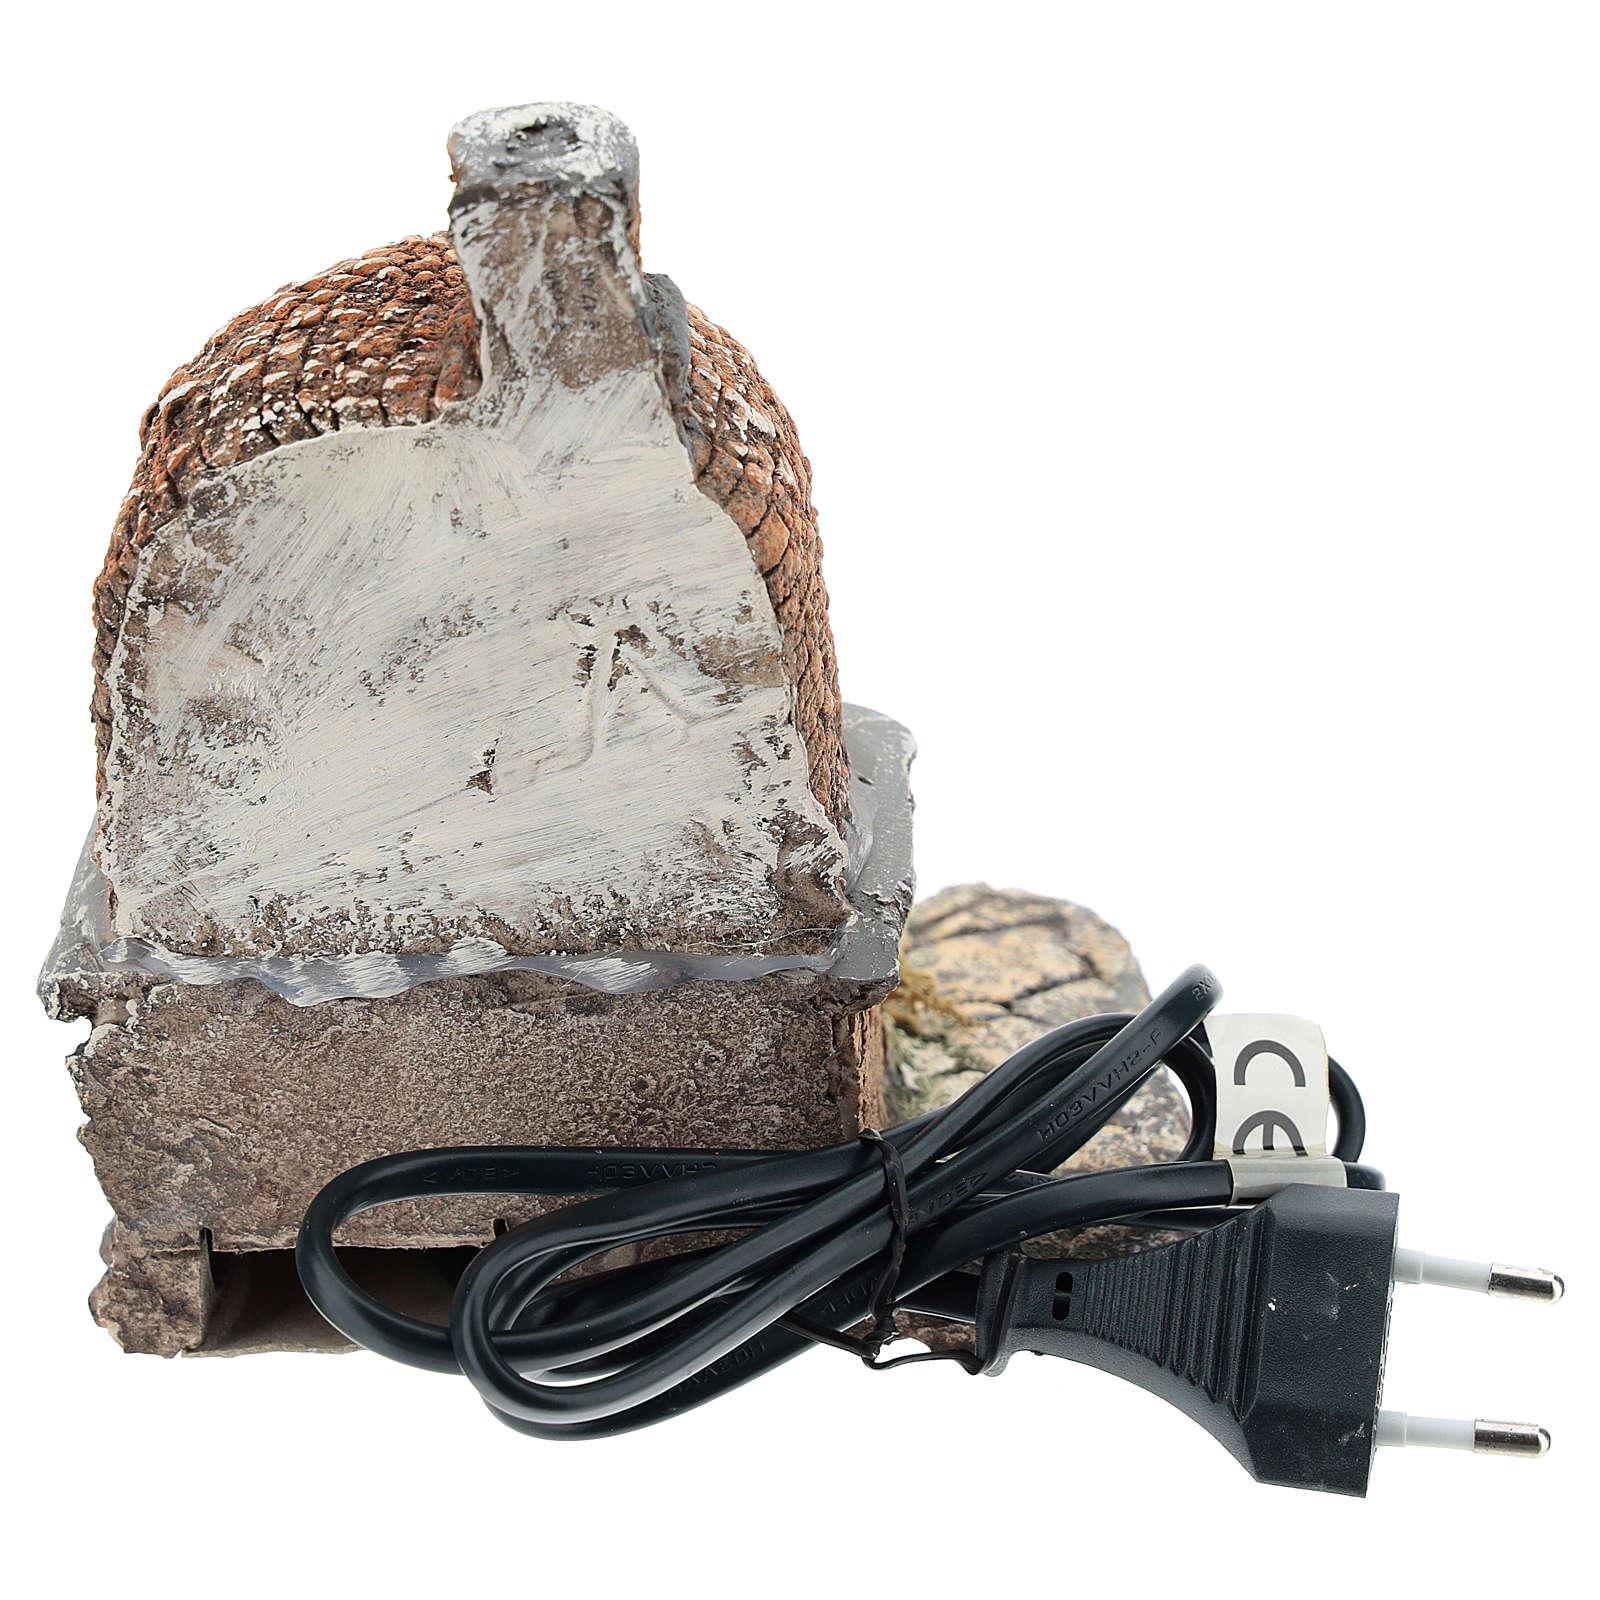 Horno con efecto llama de resina 15x15x10 cm belén Nápoles 10 cm 4